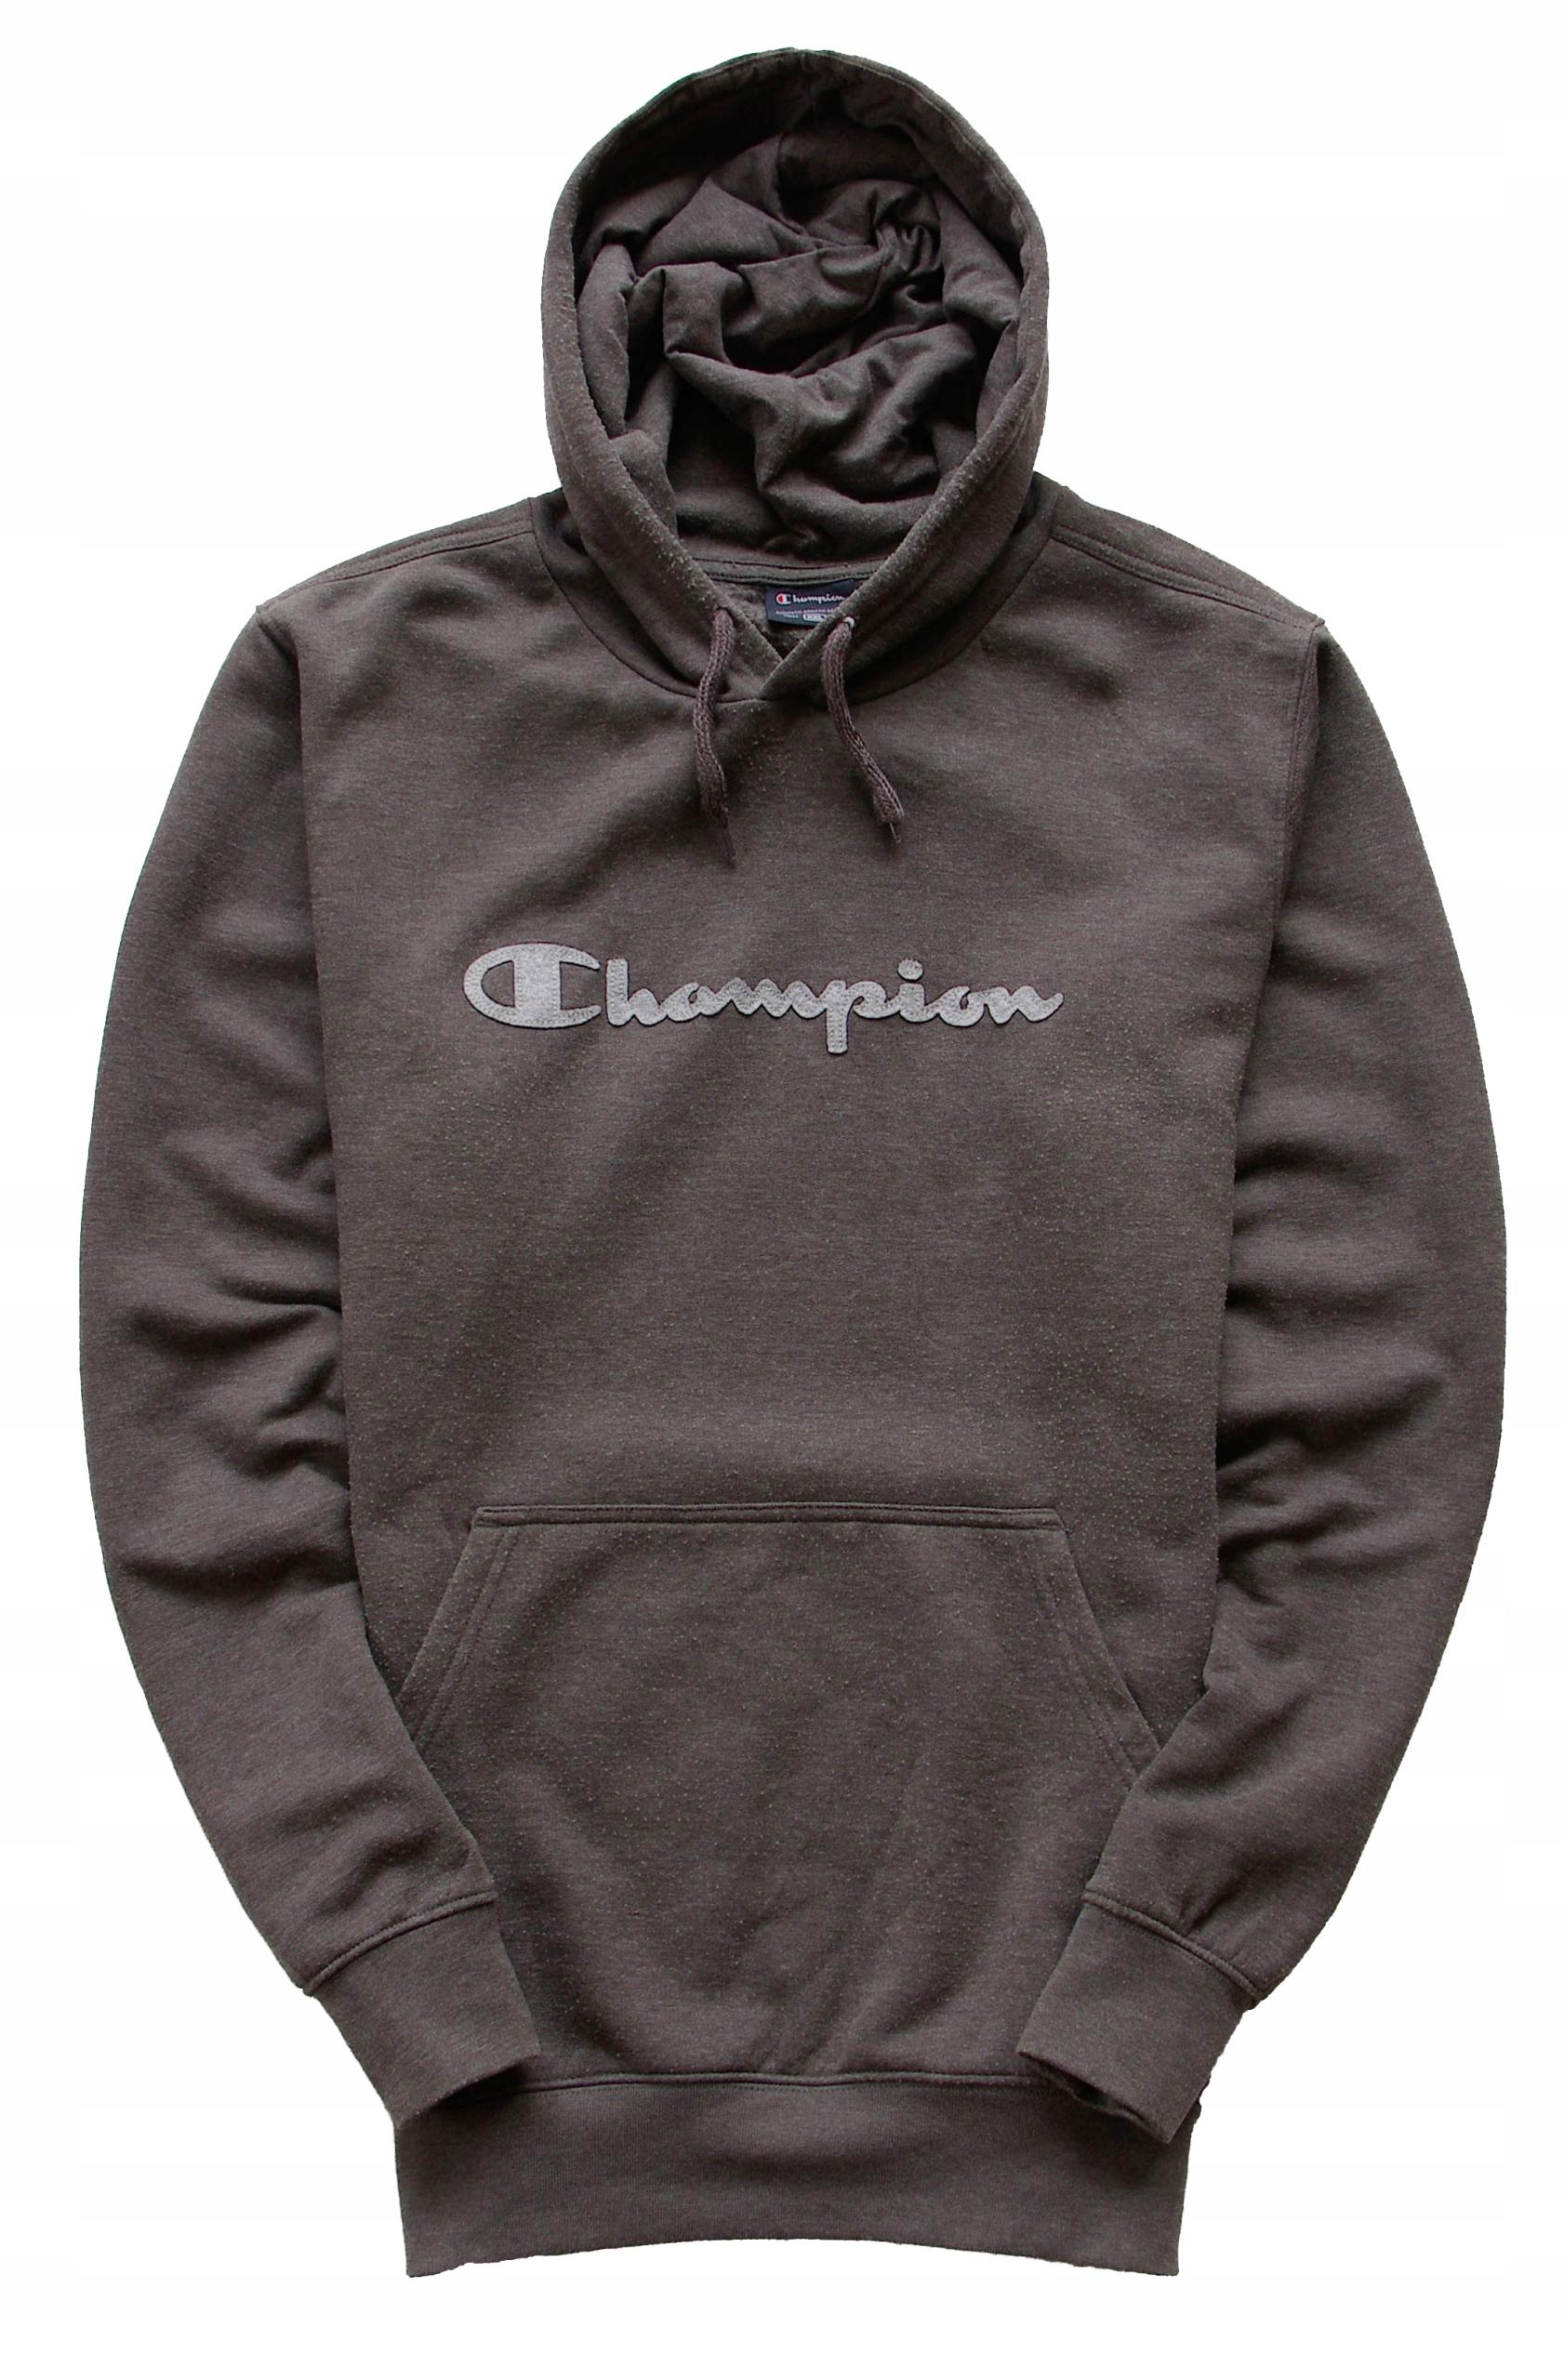 champion bluza z kapturem 152 cm